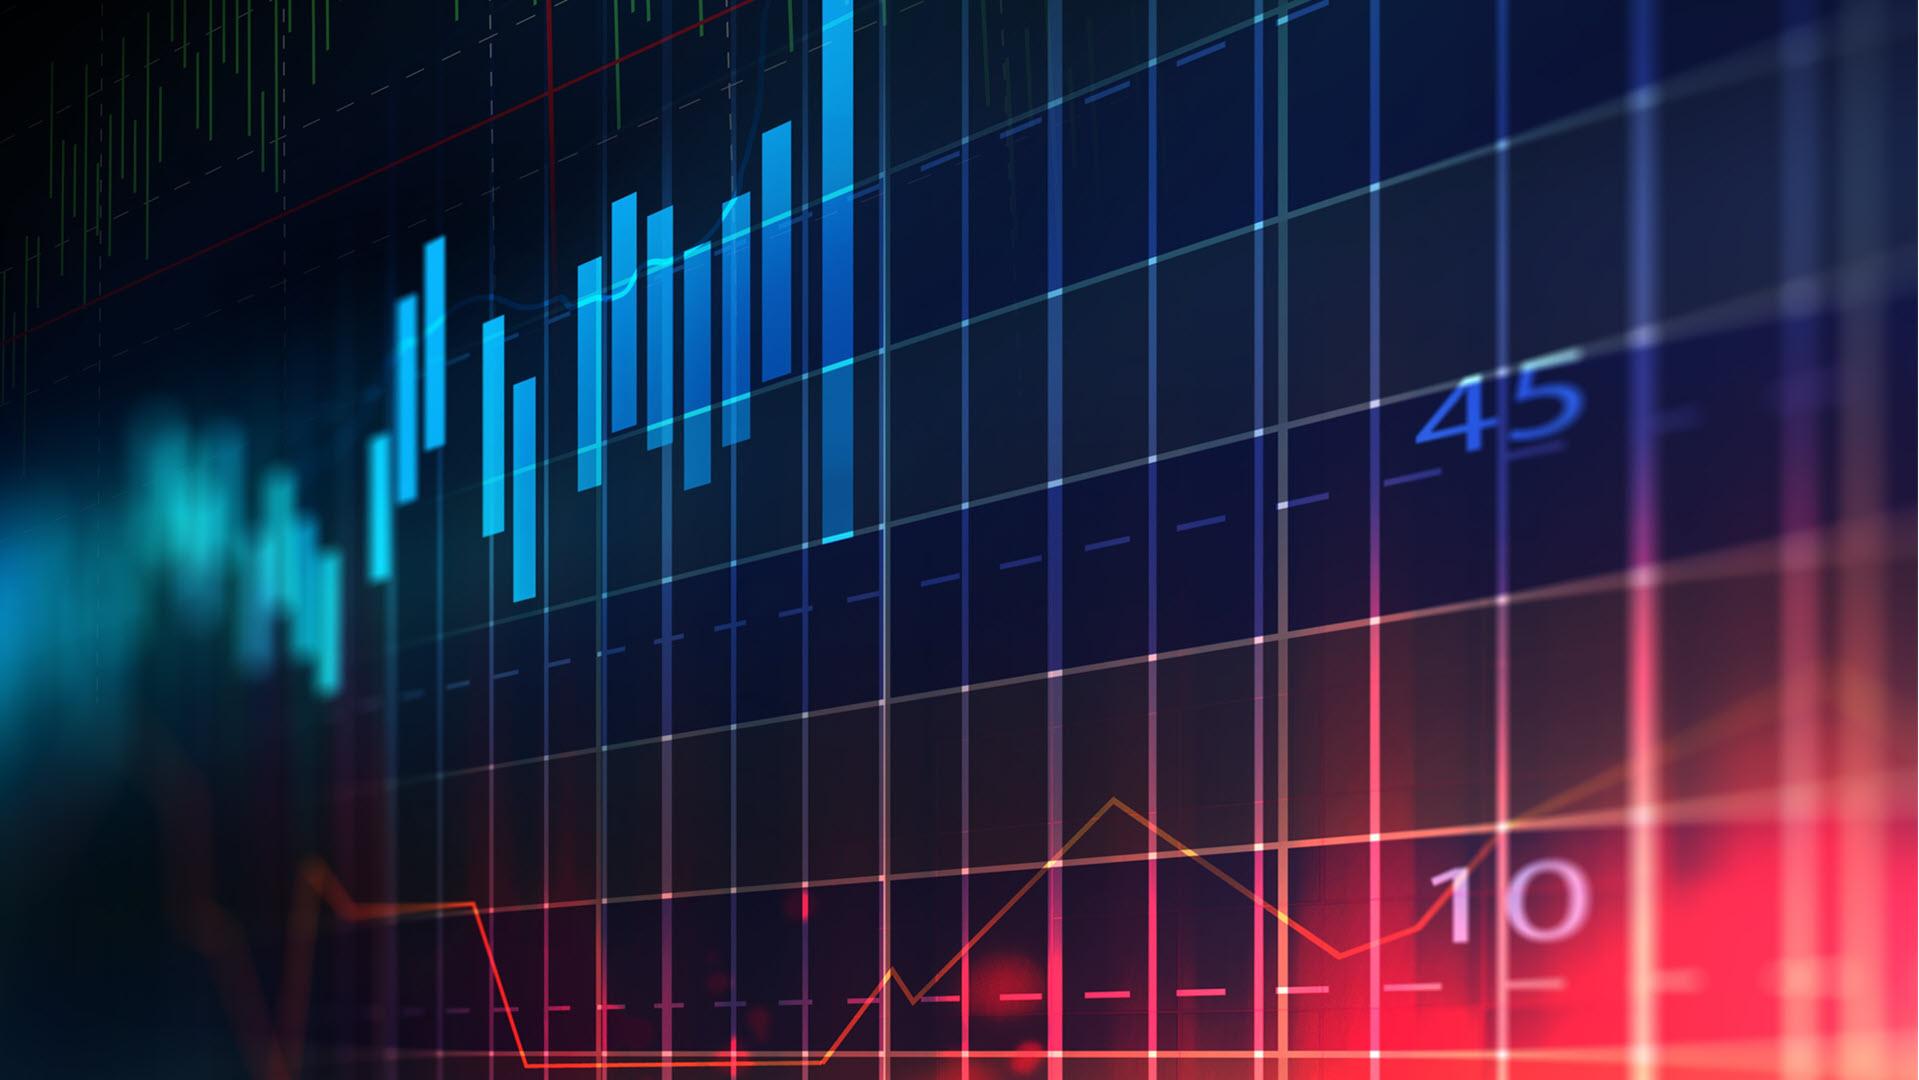 Hình nền Powerpoint kinh tế suy giảm